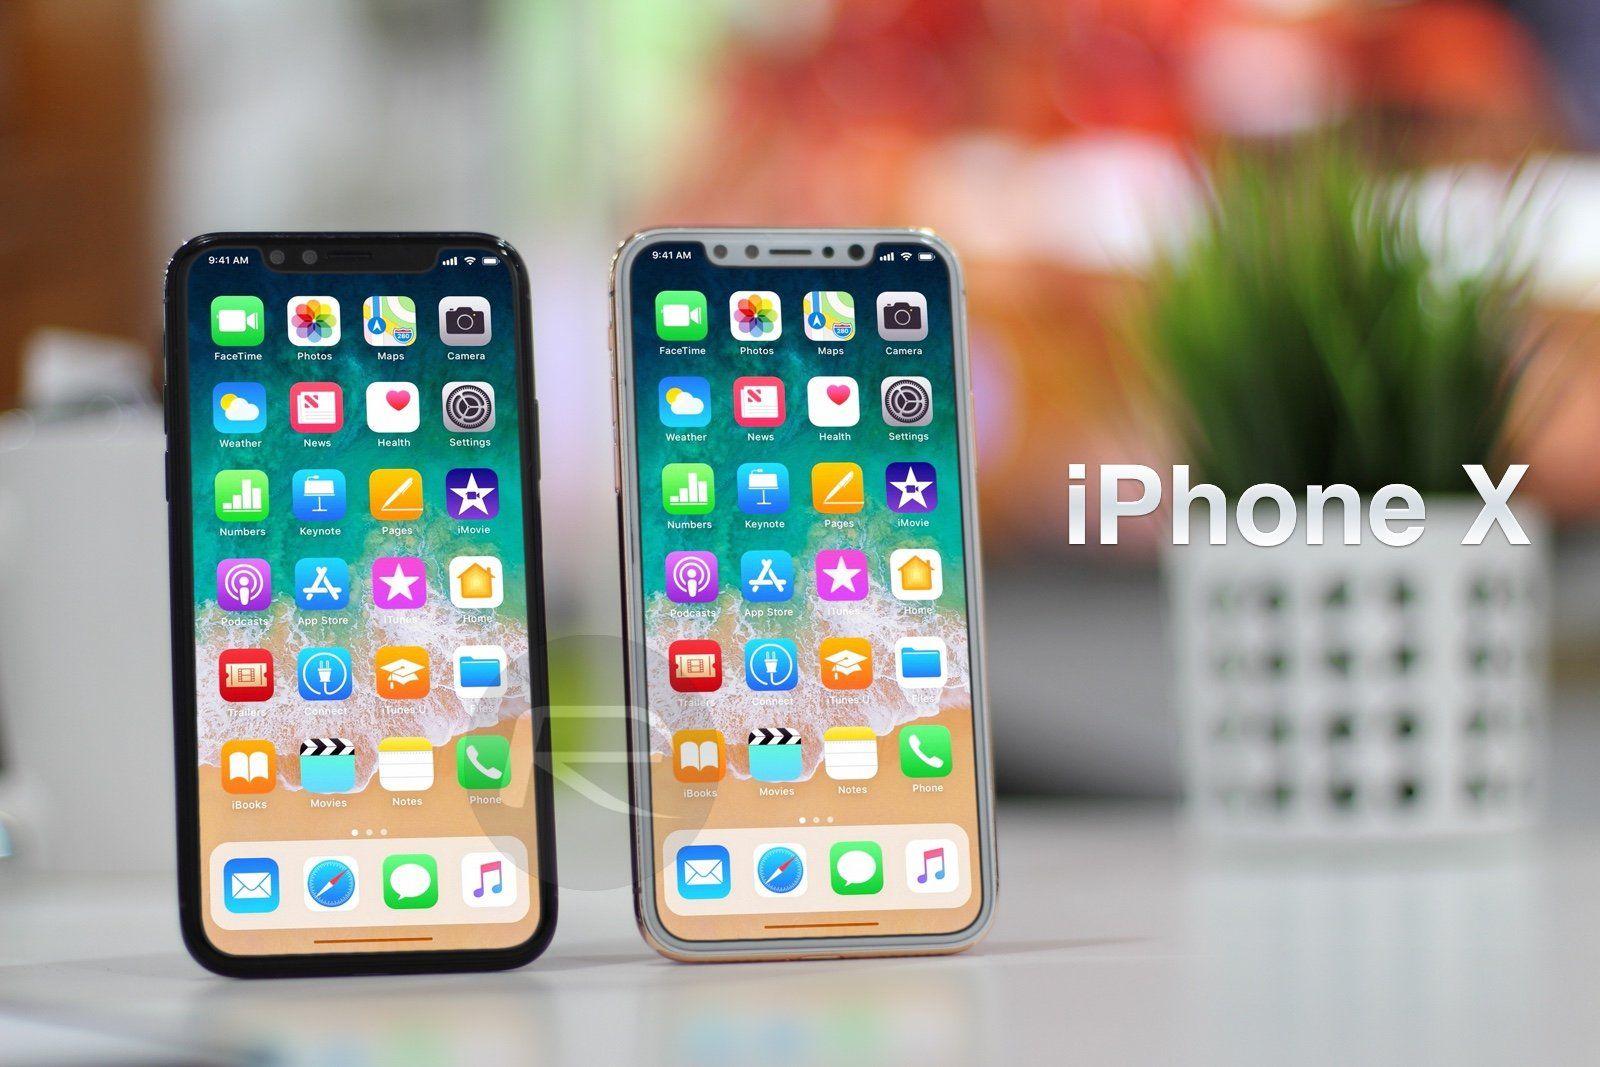 Цены на мобильные телефоны  iPhone Xзначительно упали натерритории Российской Федерации